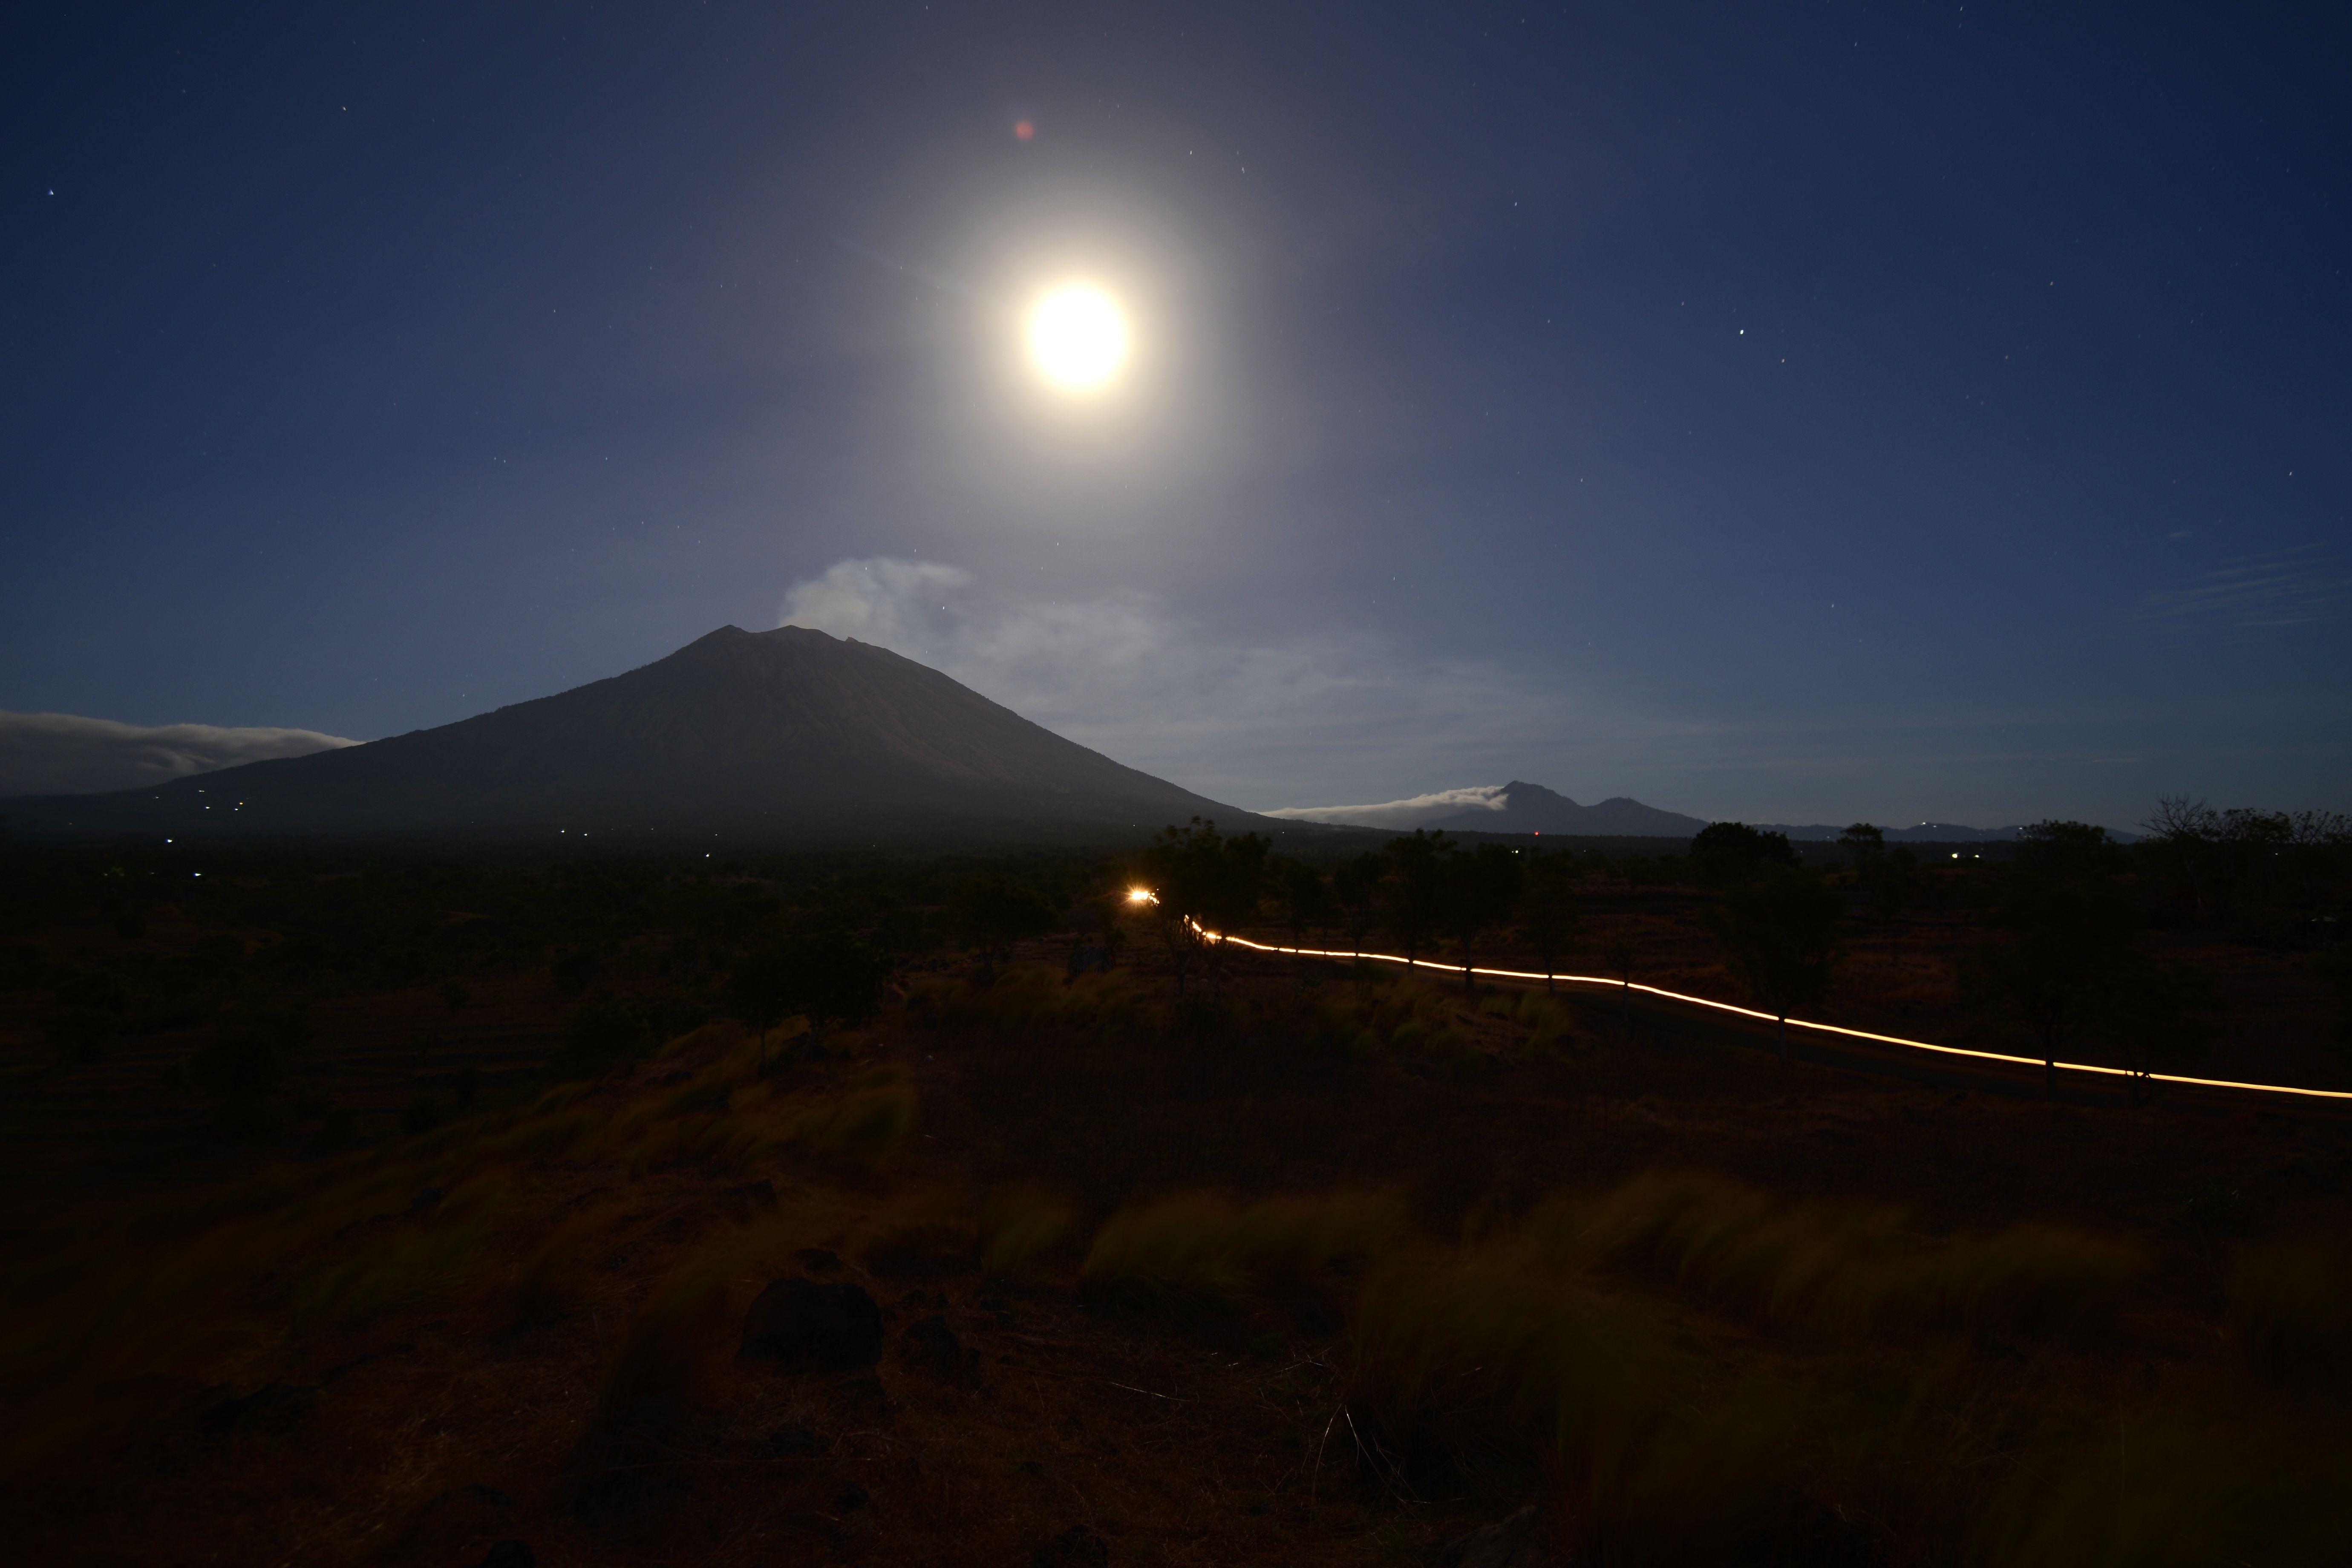 هدوء ثوران بركان جبل أجونج